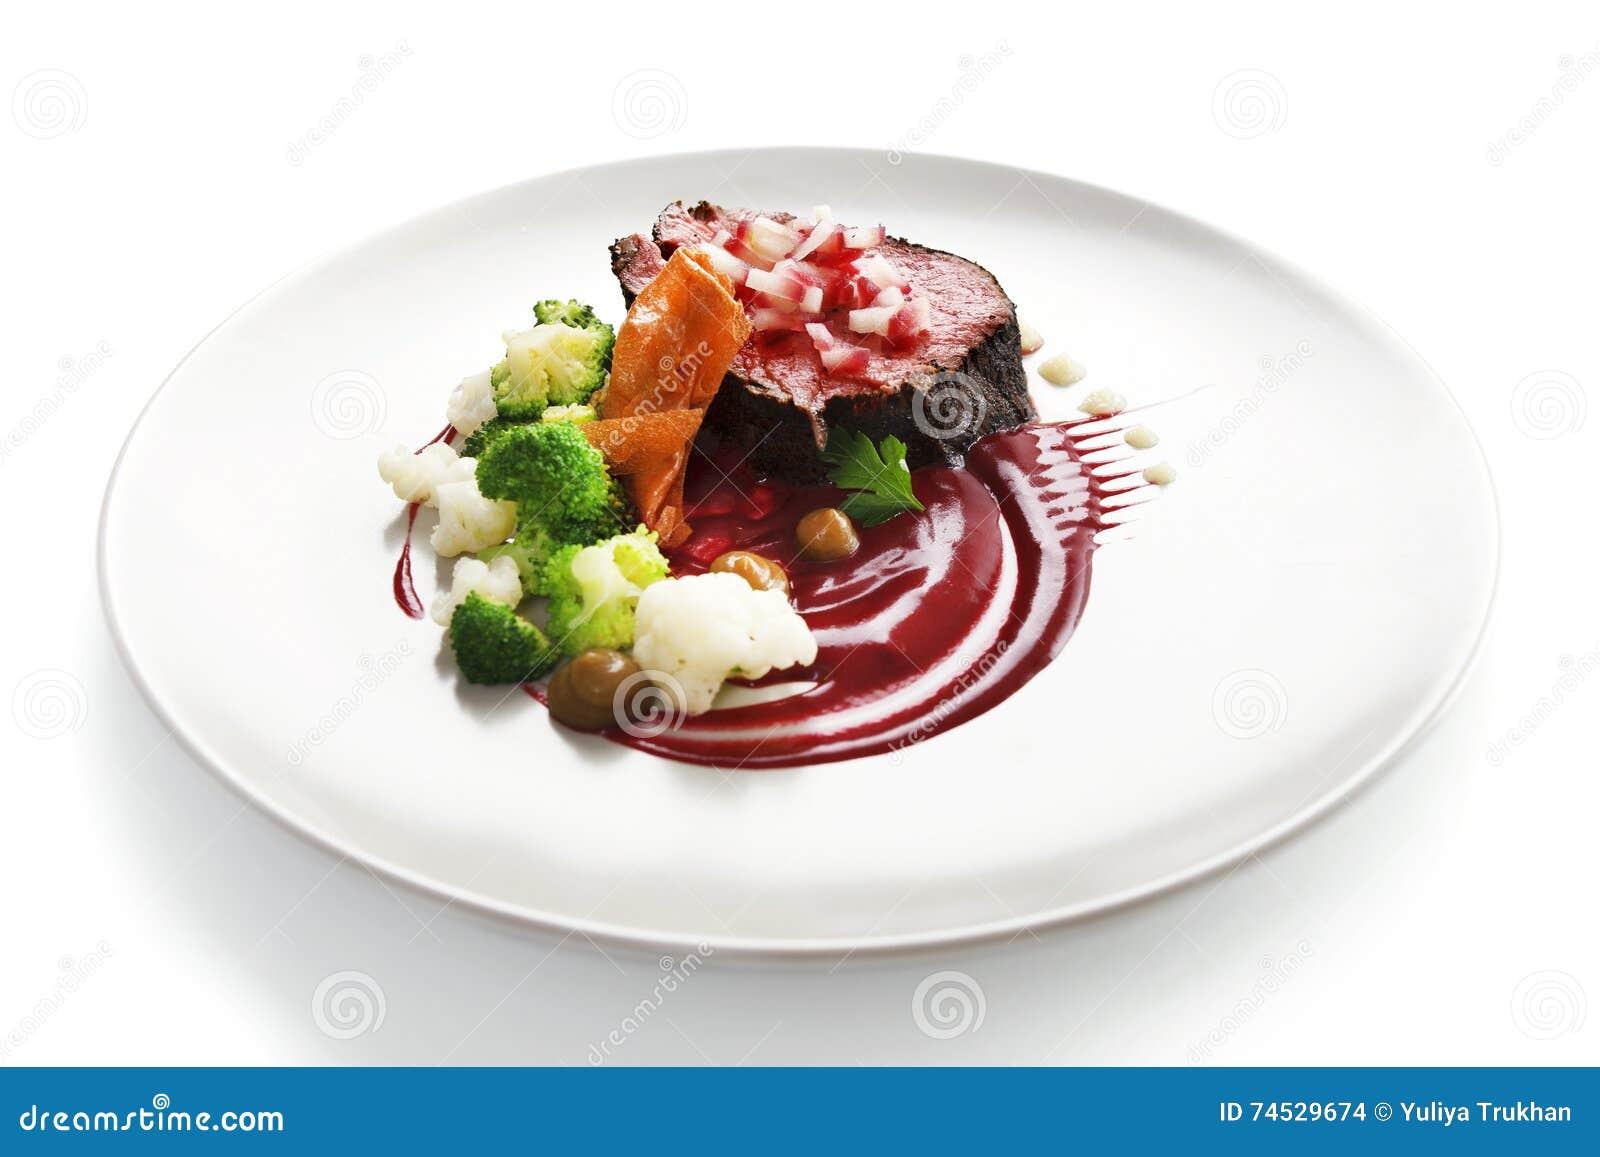 Kalbfleisch leiste molekulare küche mit steak stockfoto bild von